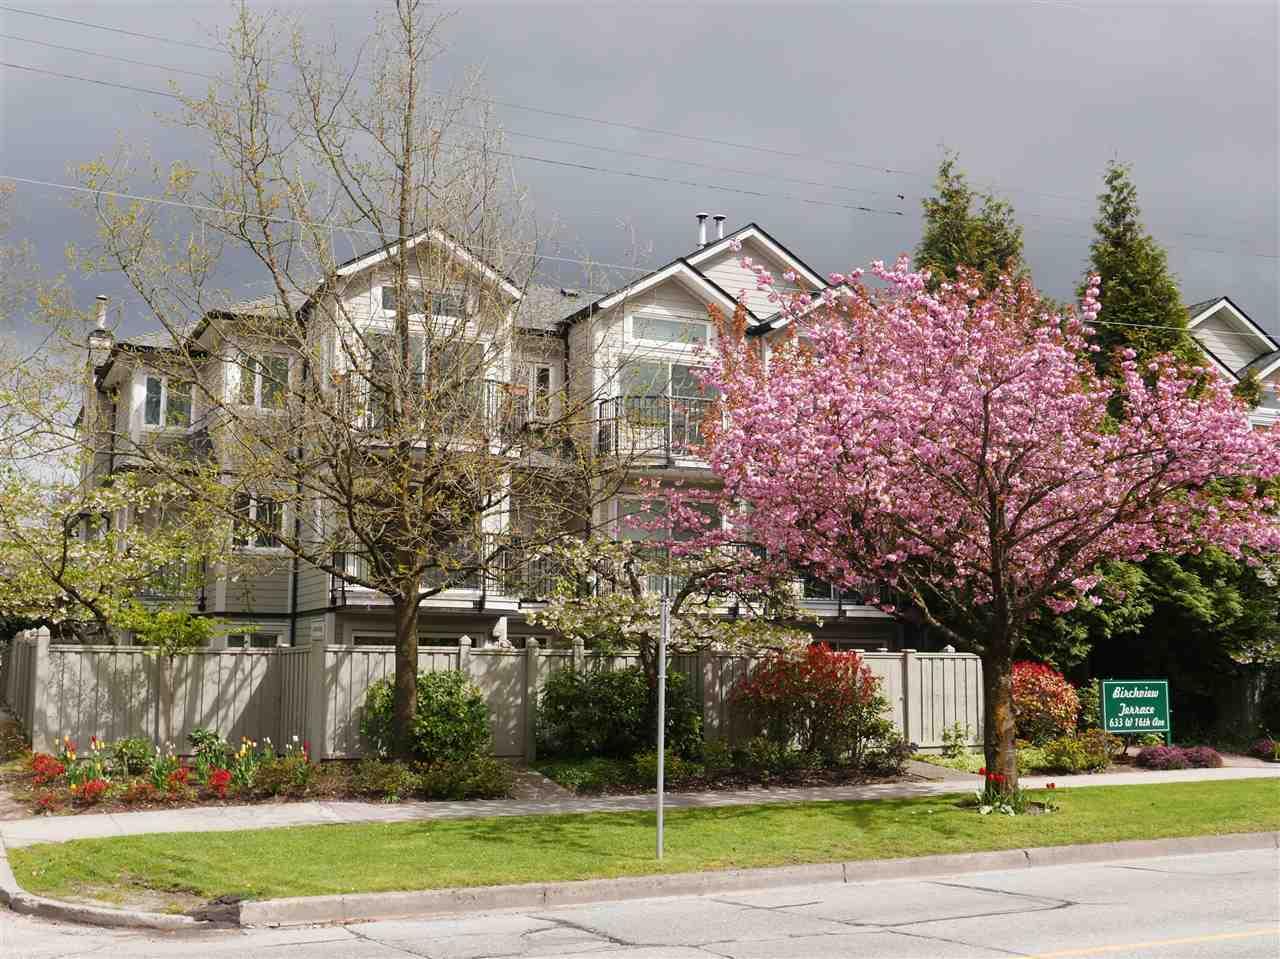 102 633 W 16 AVENUE, Vancouver, BC, V5Z 1S5 Primary Photo